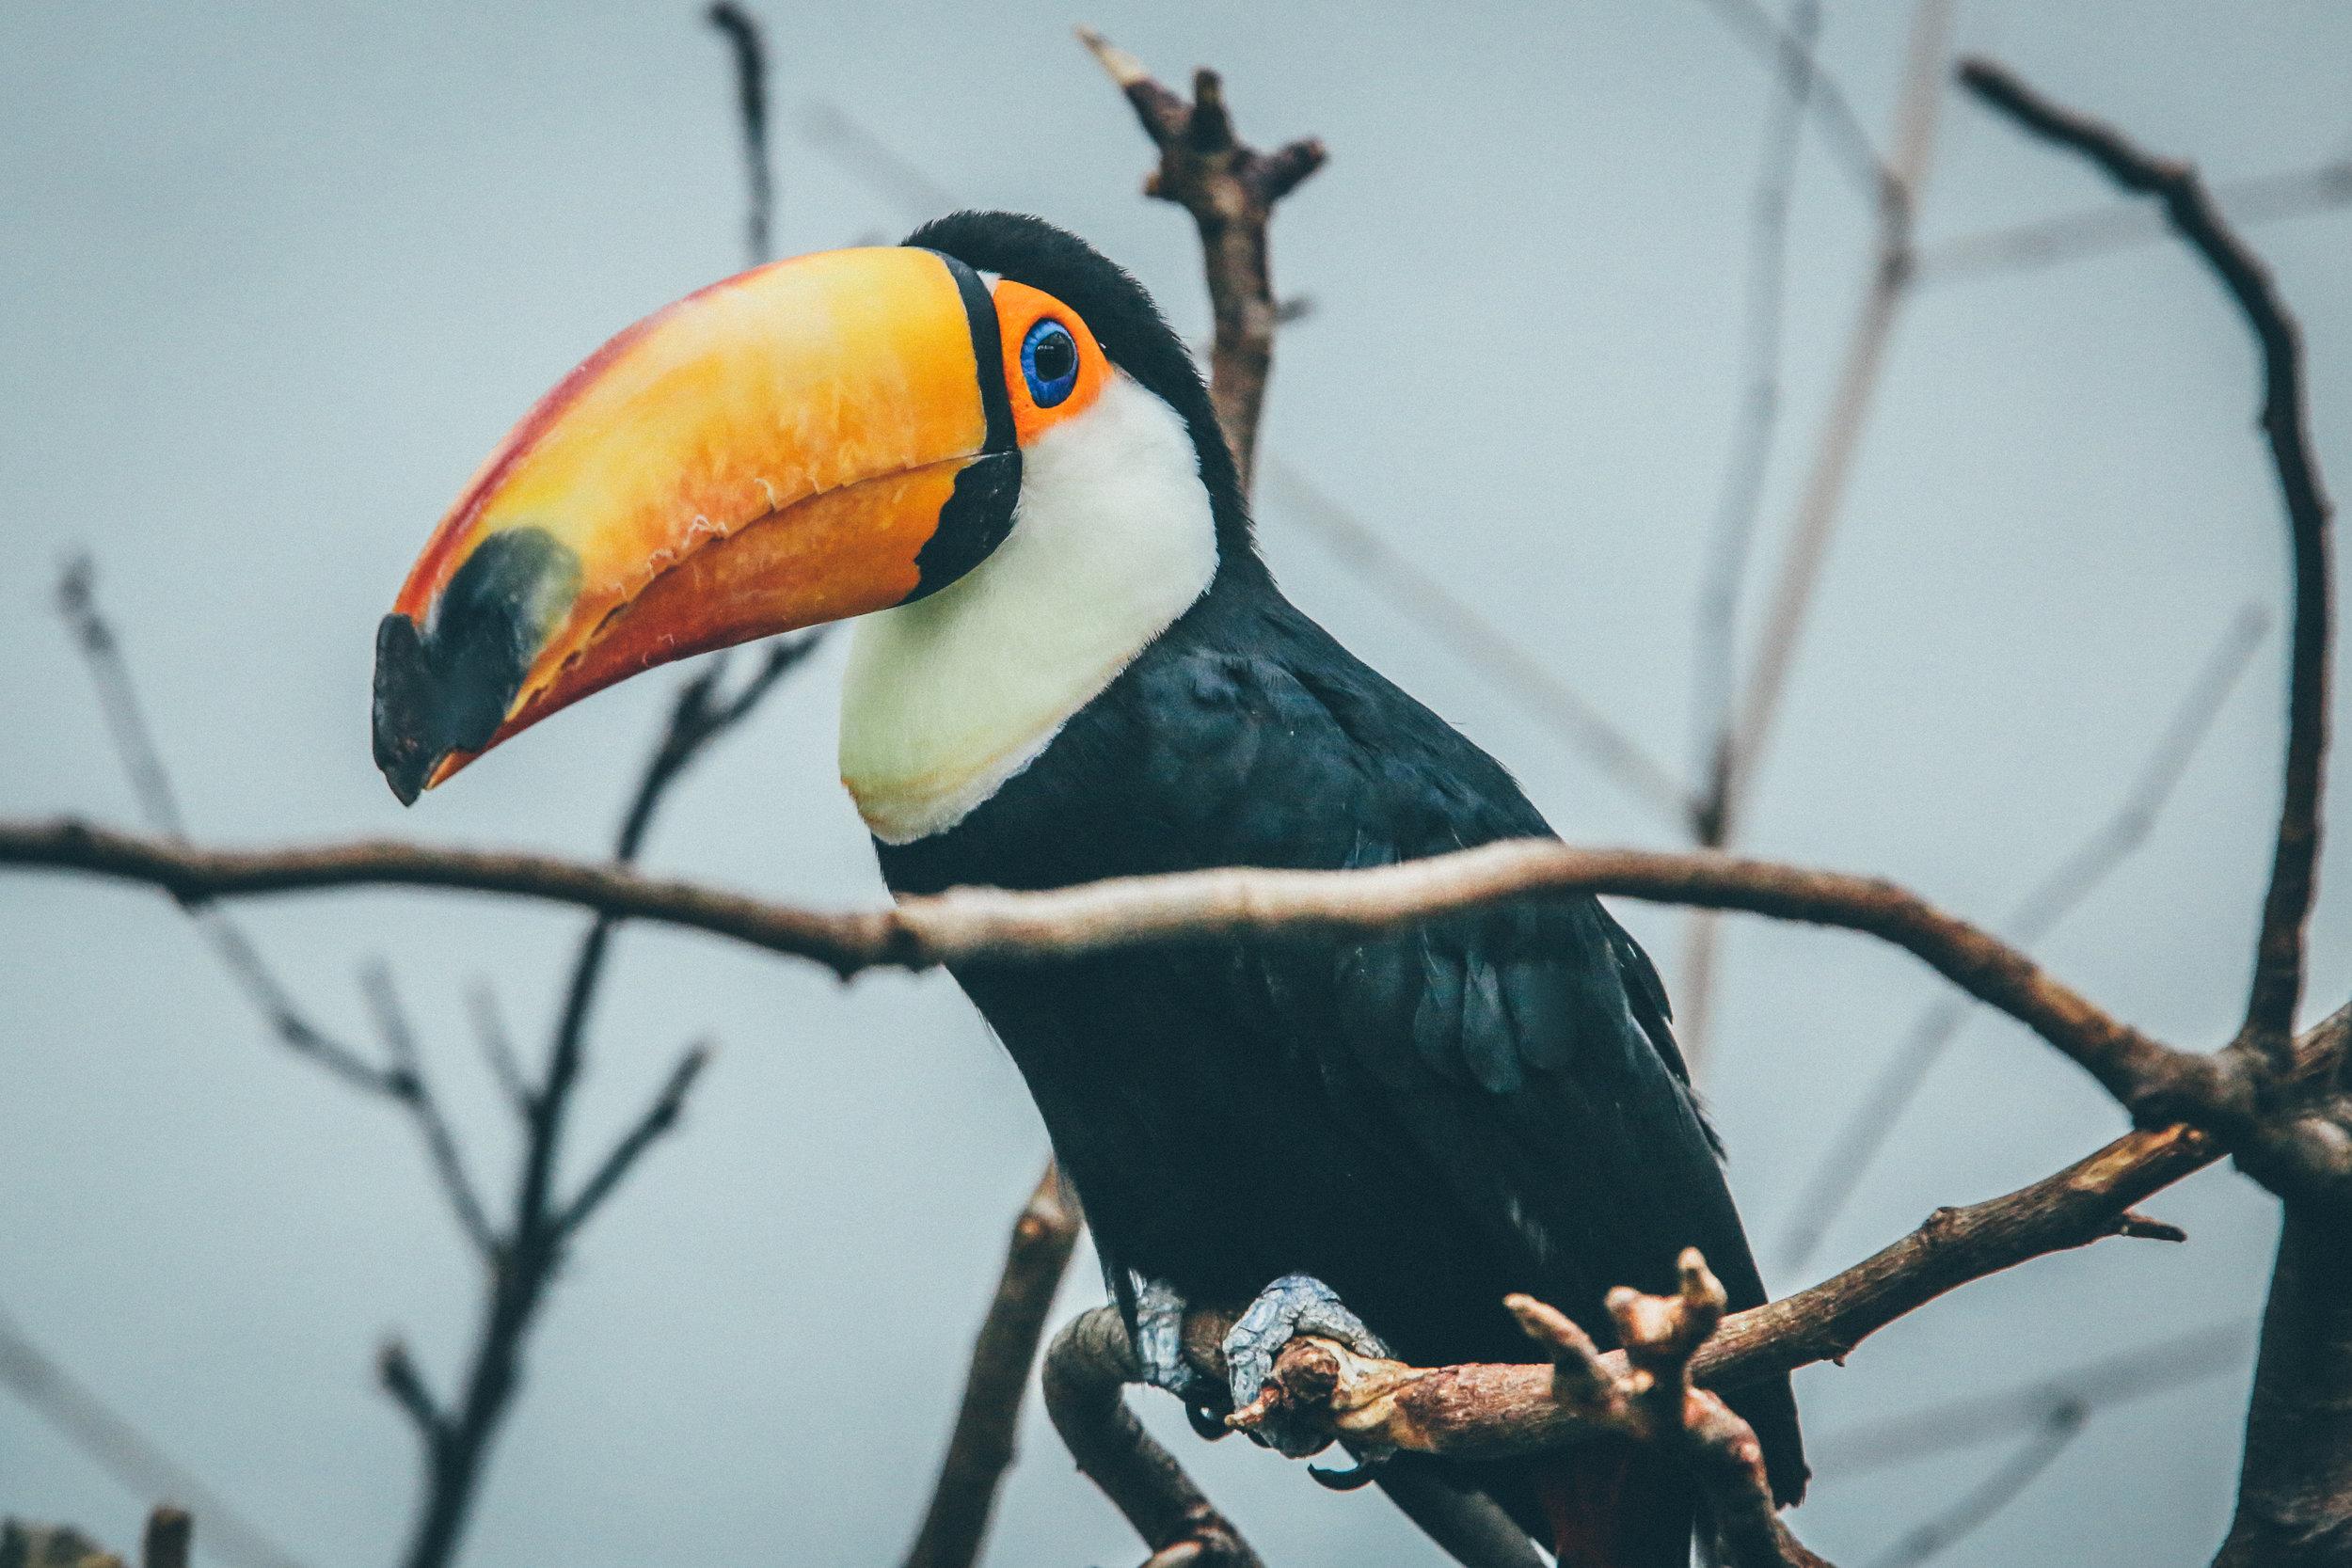 Tucanes - Son algunos de los hermosos animalesque podrás ver en tu travesía